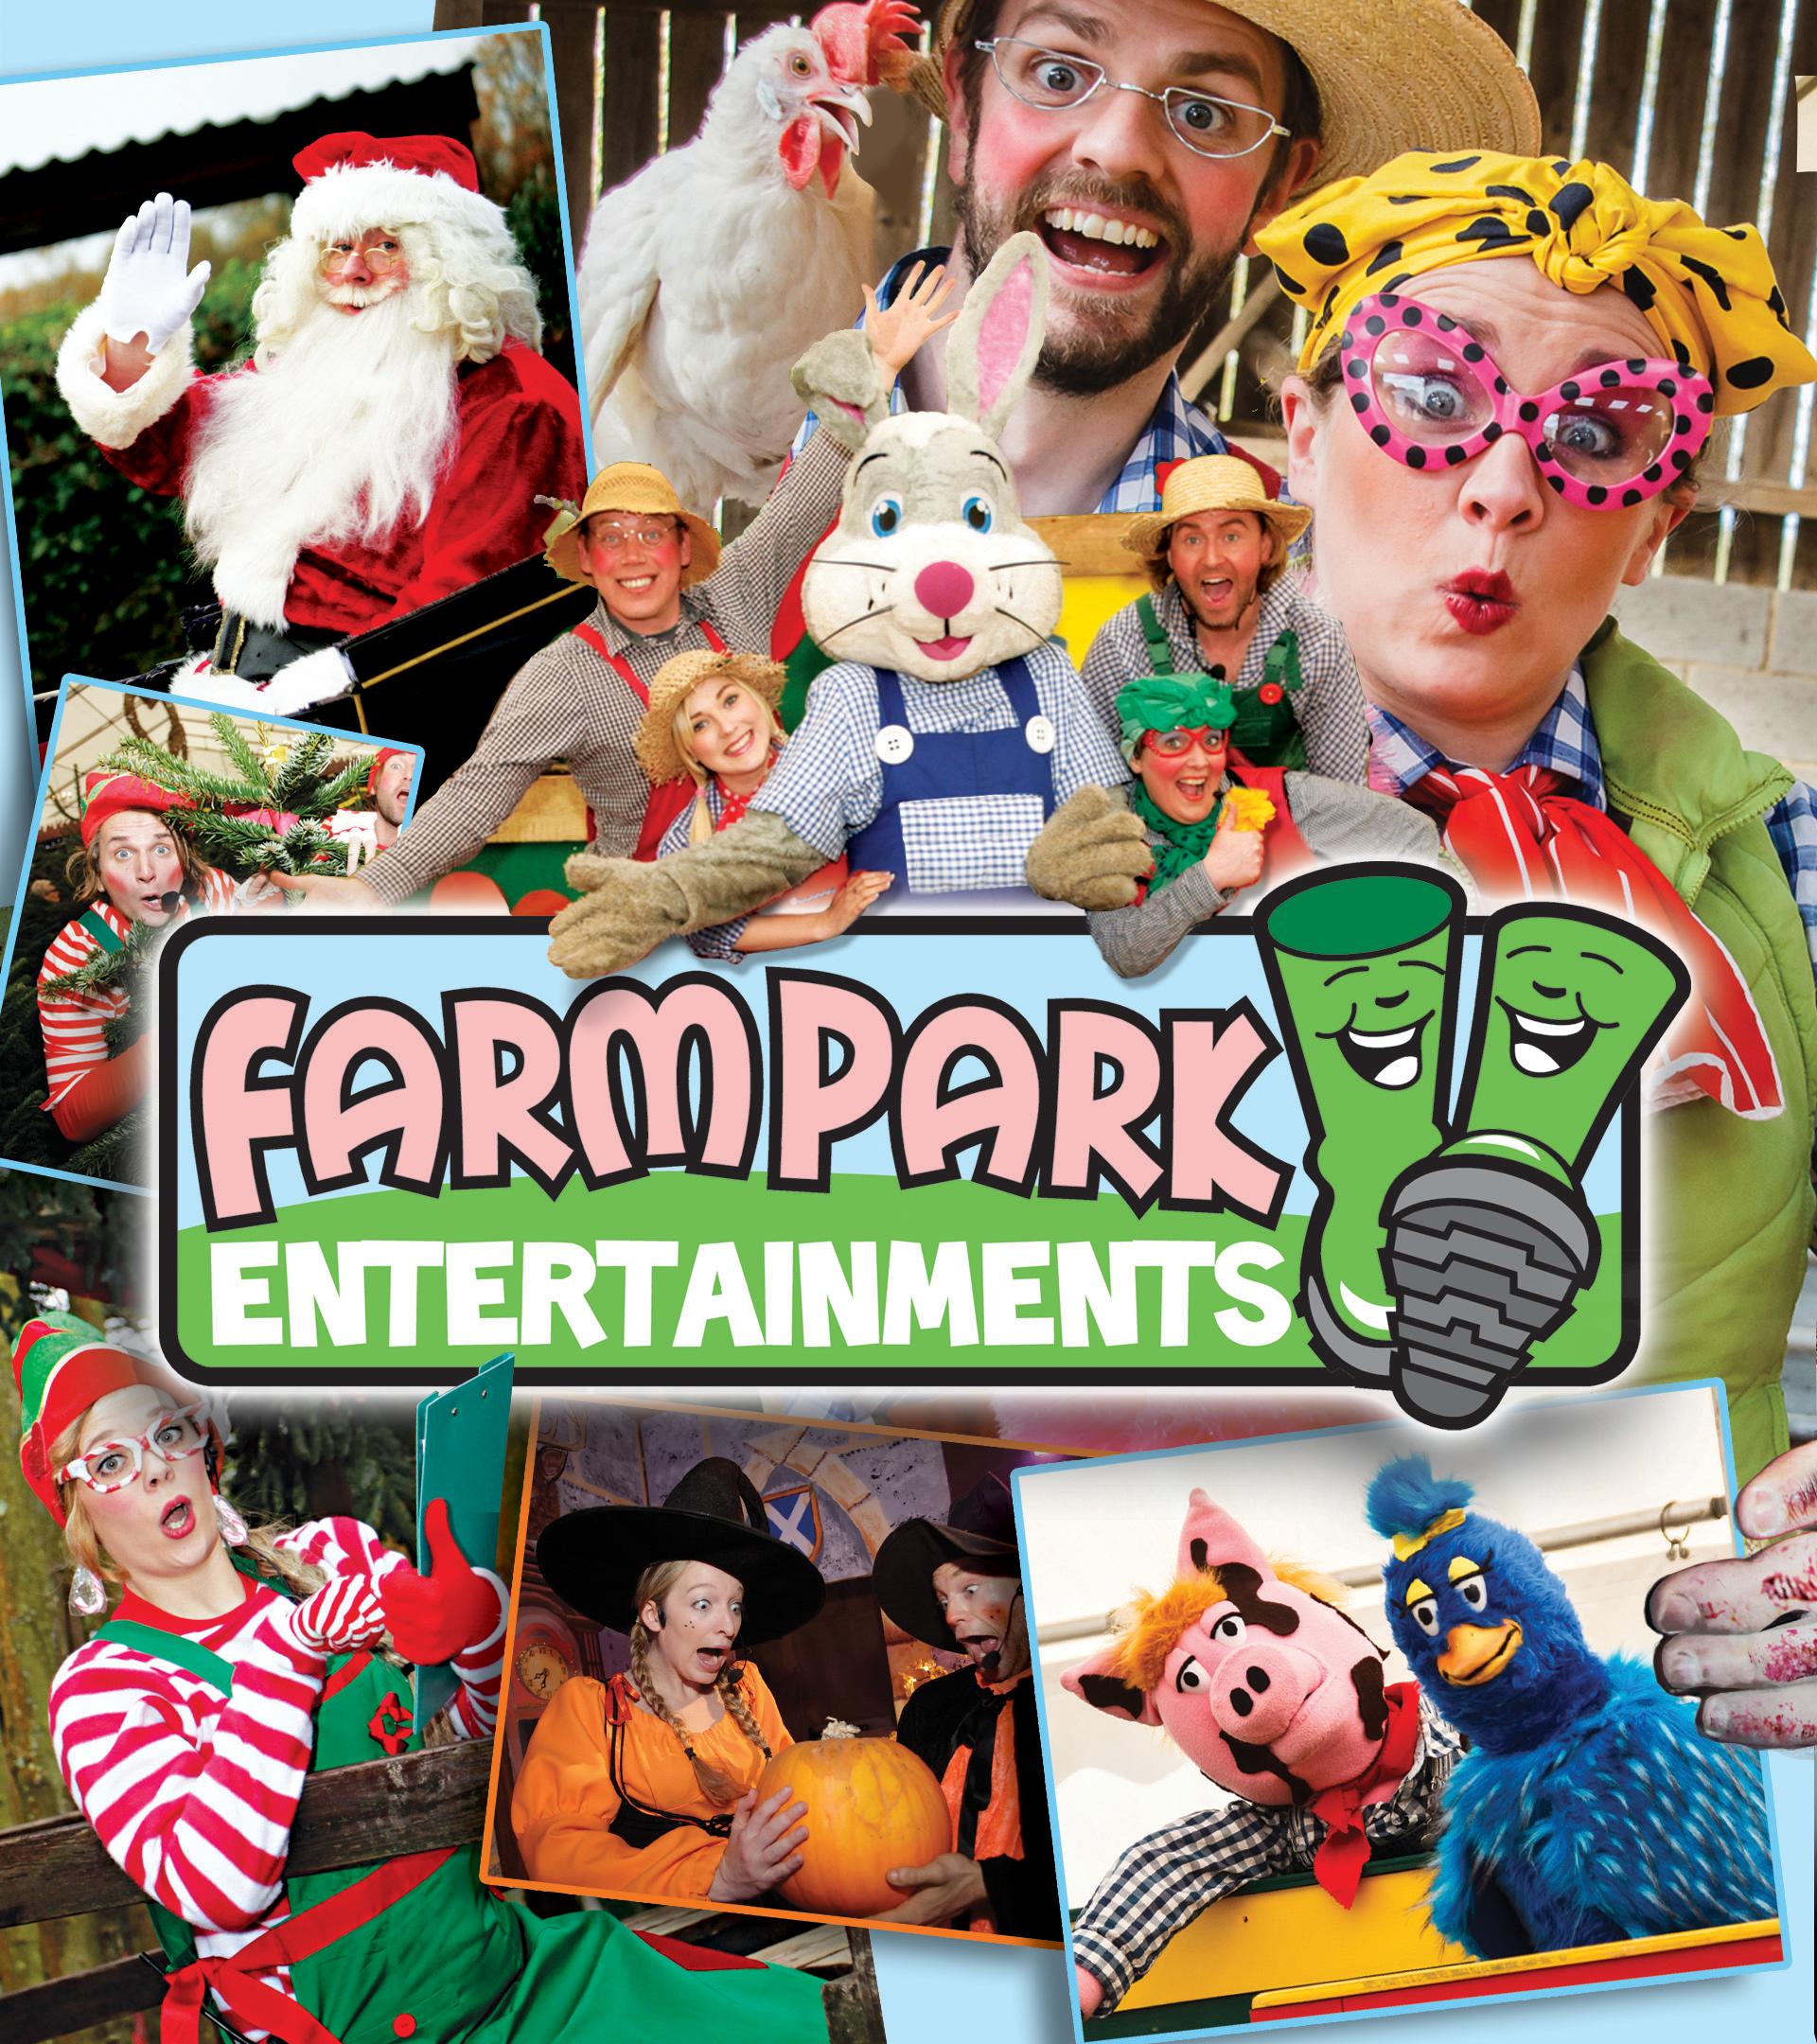 Farm Park Entertainments